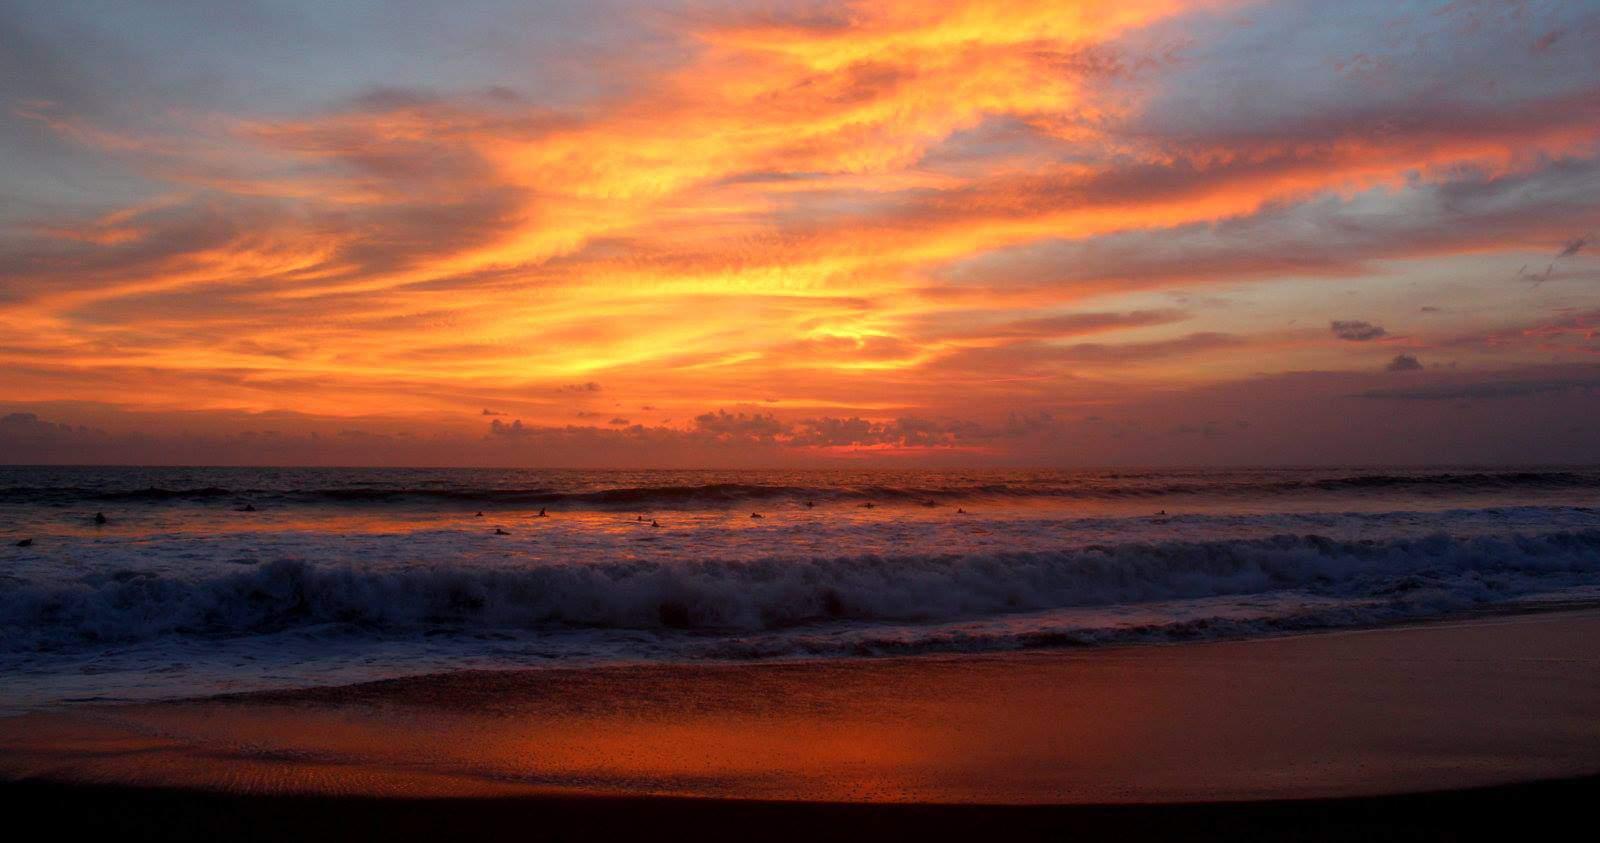 Epic Bali surfing sunset on Brawa beach